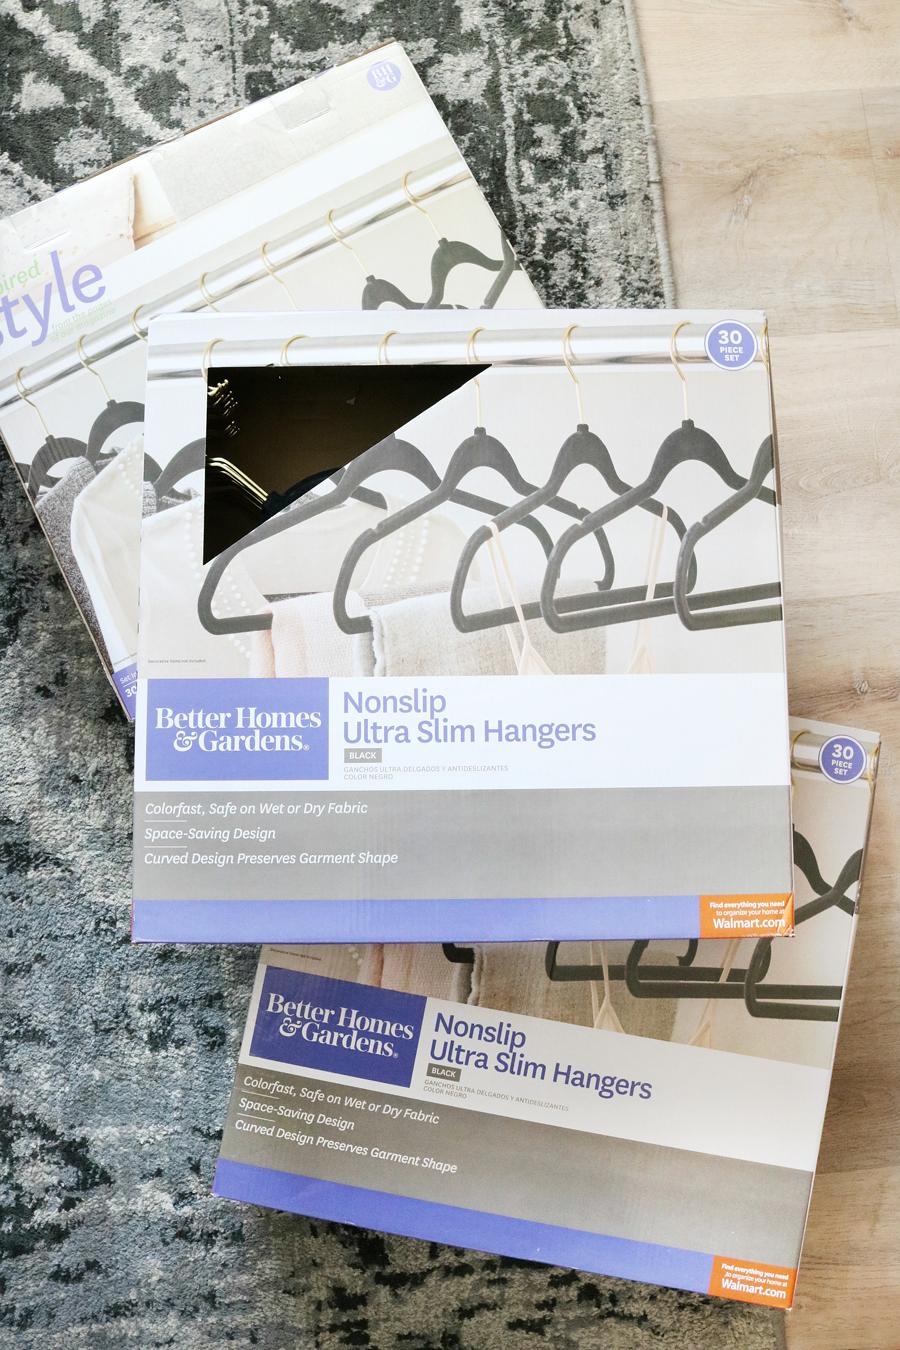 Better Homes & Gardens Nonslip Ultra Slim Flocked Hangers